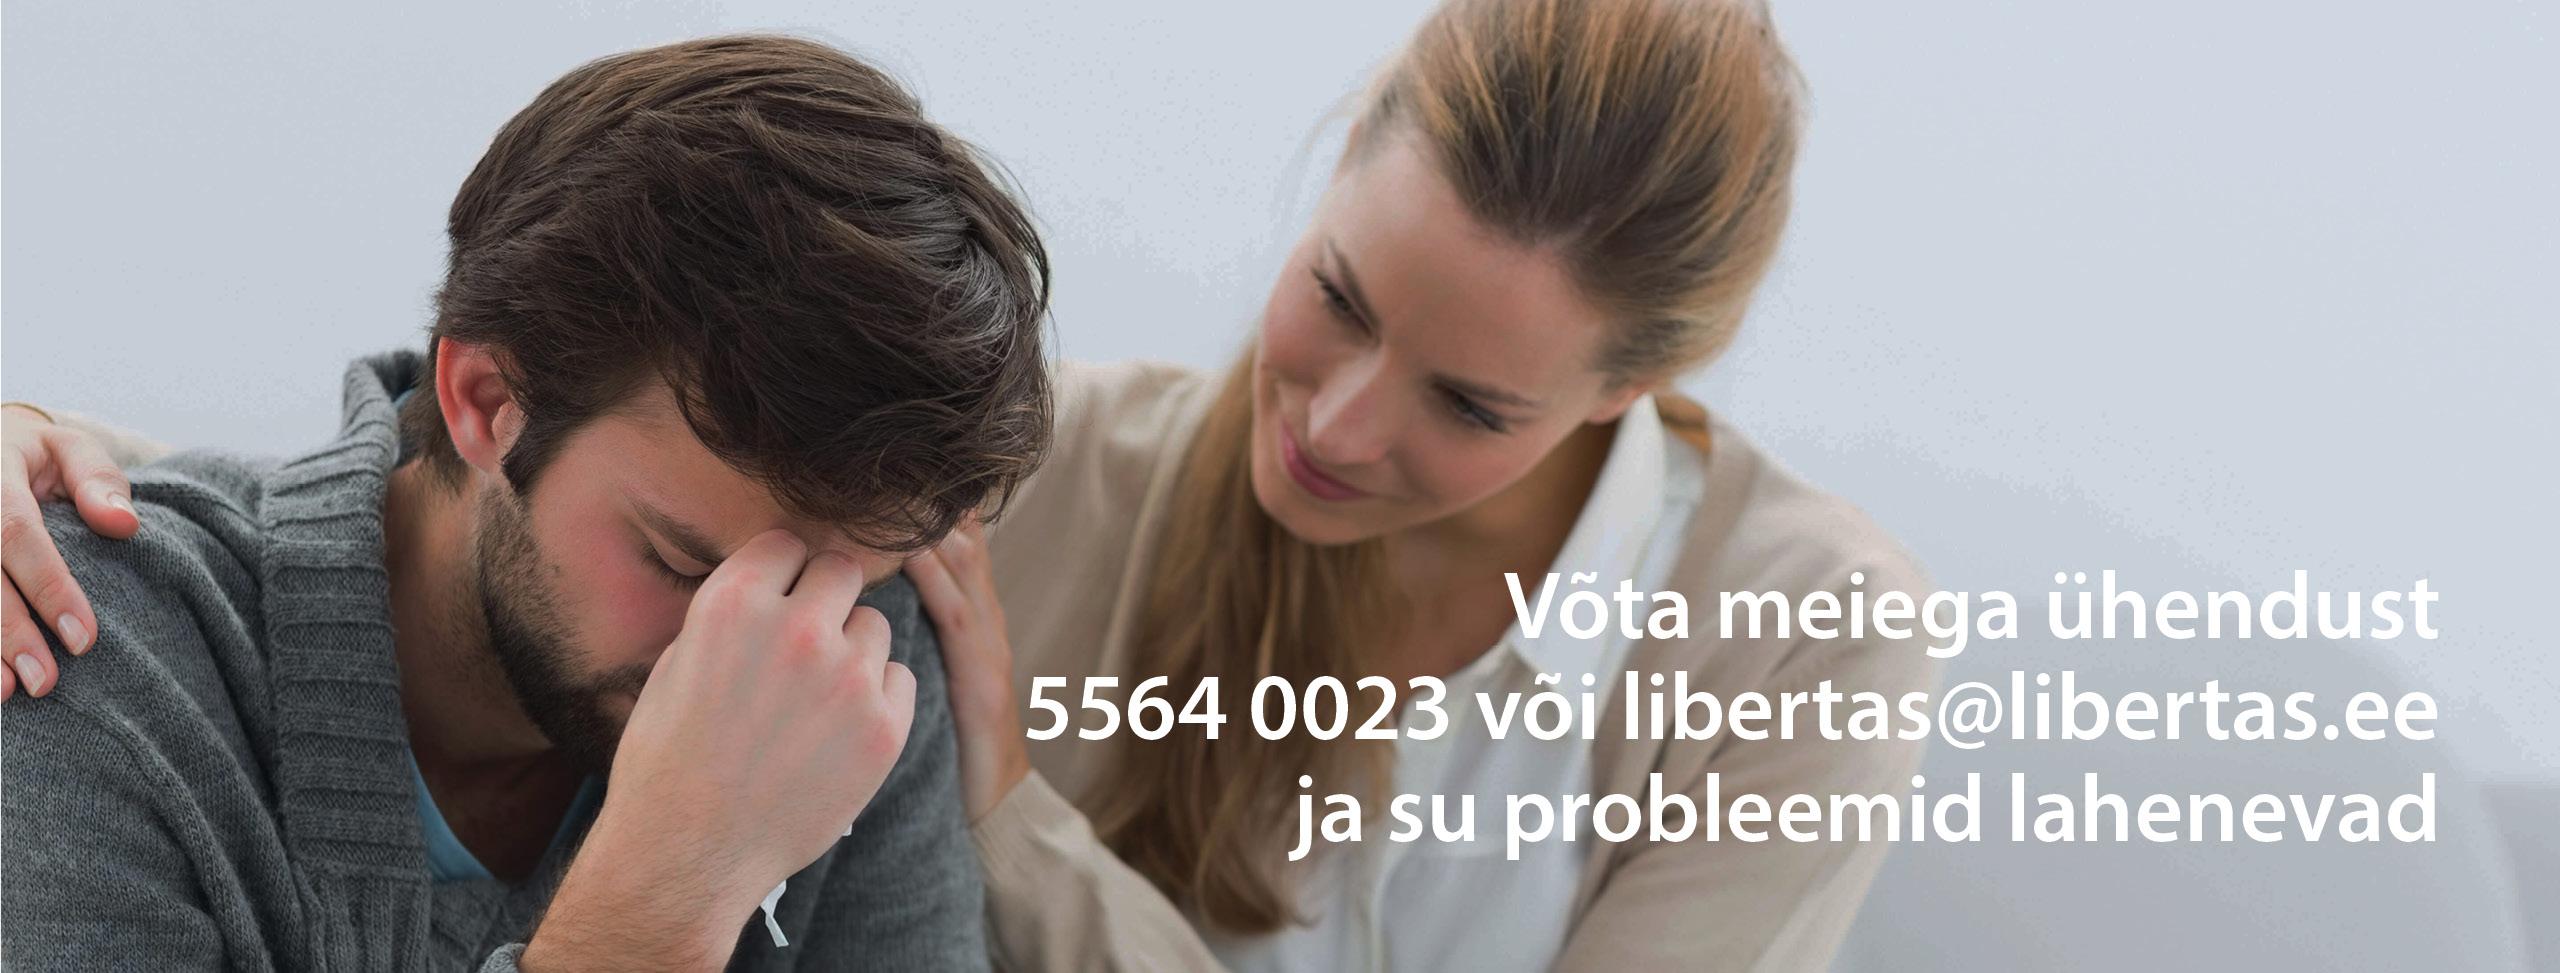 Võta meiega ühendust 5564 0023 või libertas.ee/blogi ja su probleemid lahenevad